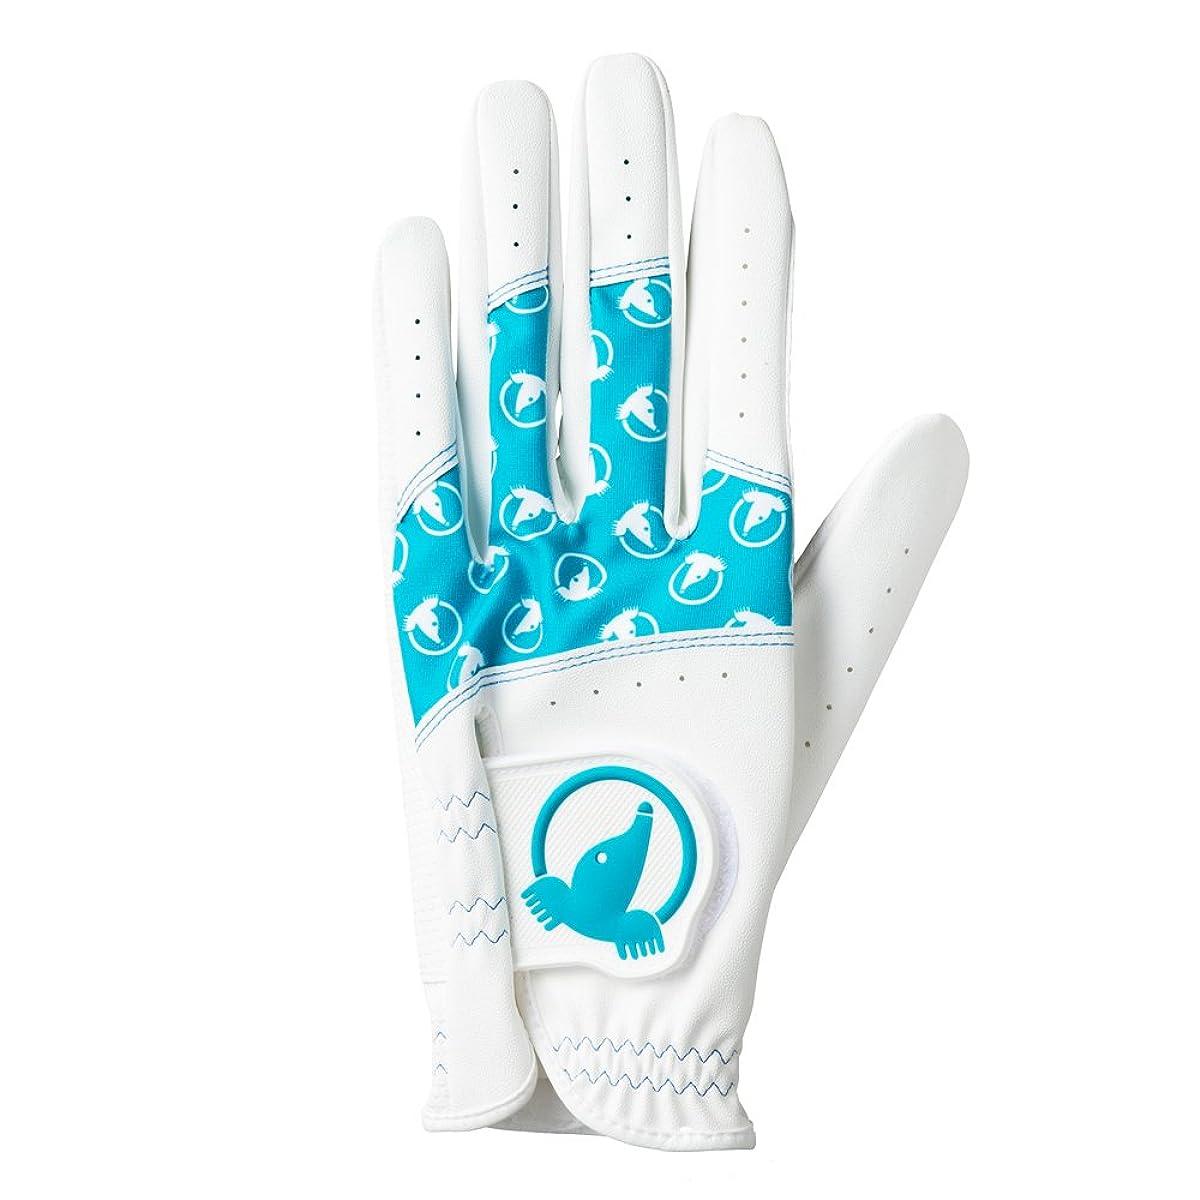 [해외] 혼마 골프 골프 글러브 HONMA 레이디스 글러브 양손용 컬러풀 두더지 화이트/터쿼이즈(Turquoise)부루 20CM 레이디스 GCB-6701 화이트